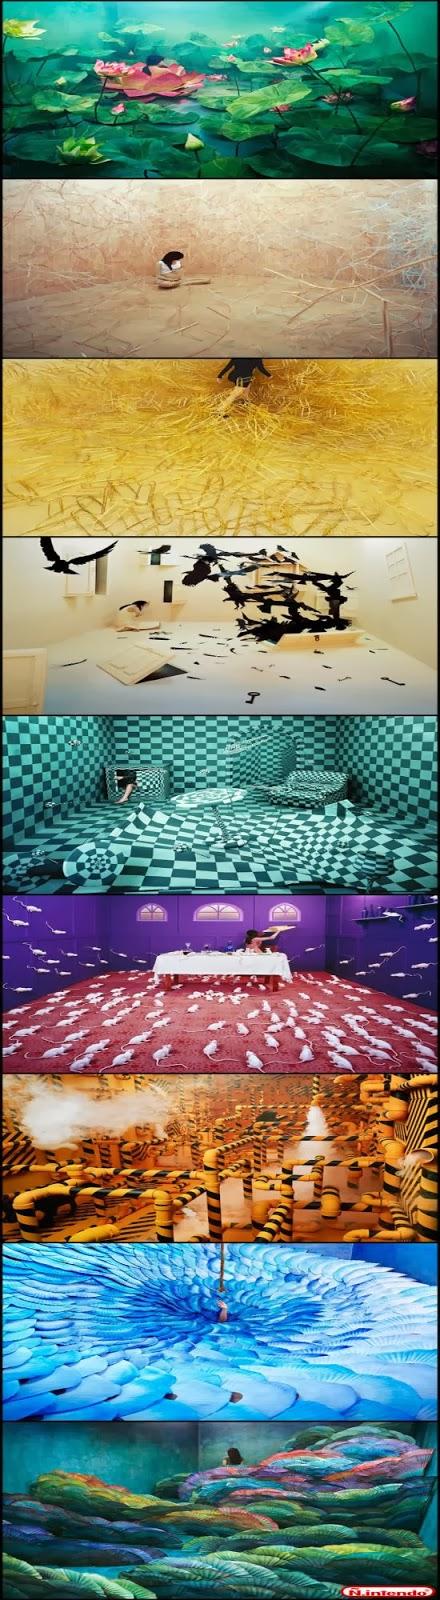 Confira este artista que transforma quartos em lindos cenarios, sem Photoshop